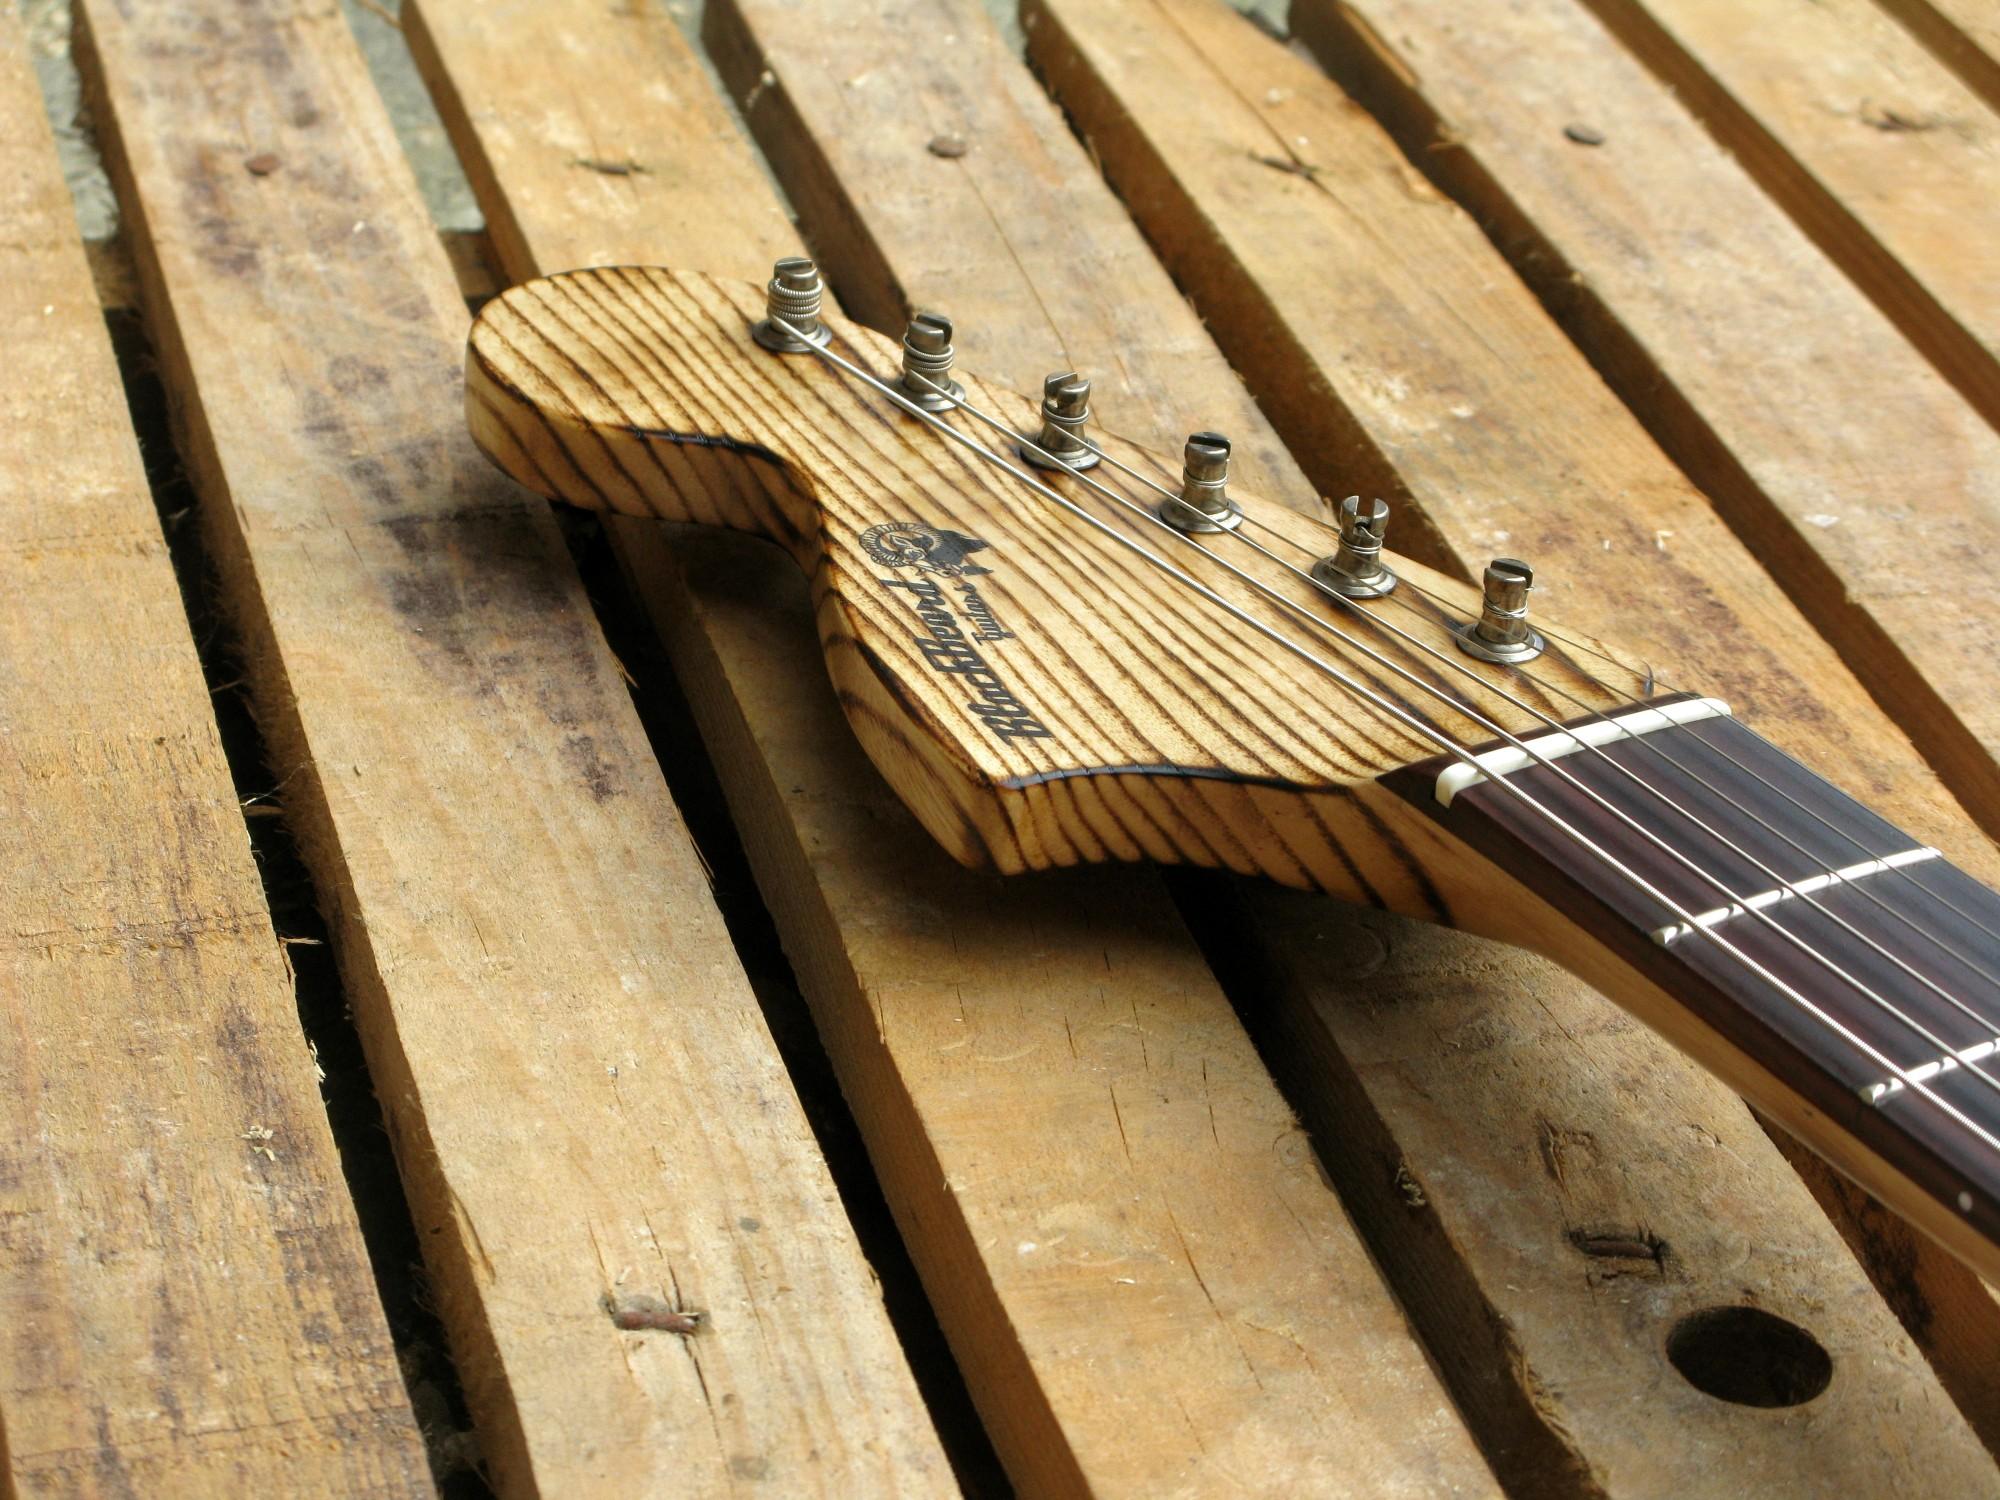 Chitarra modello Stratocaster, body in pino, manico in frassino, reverse: paleta